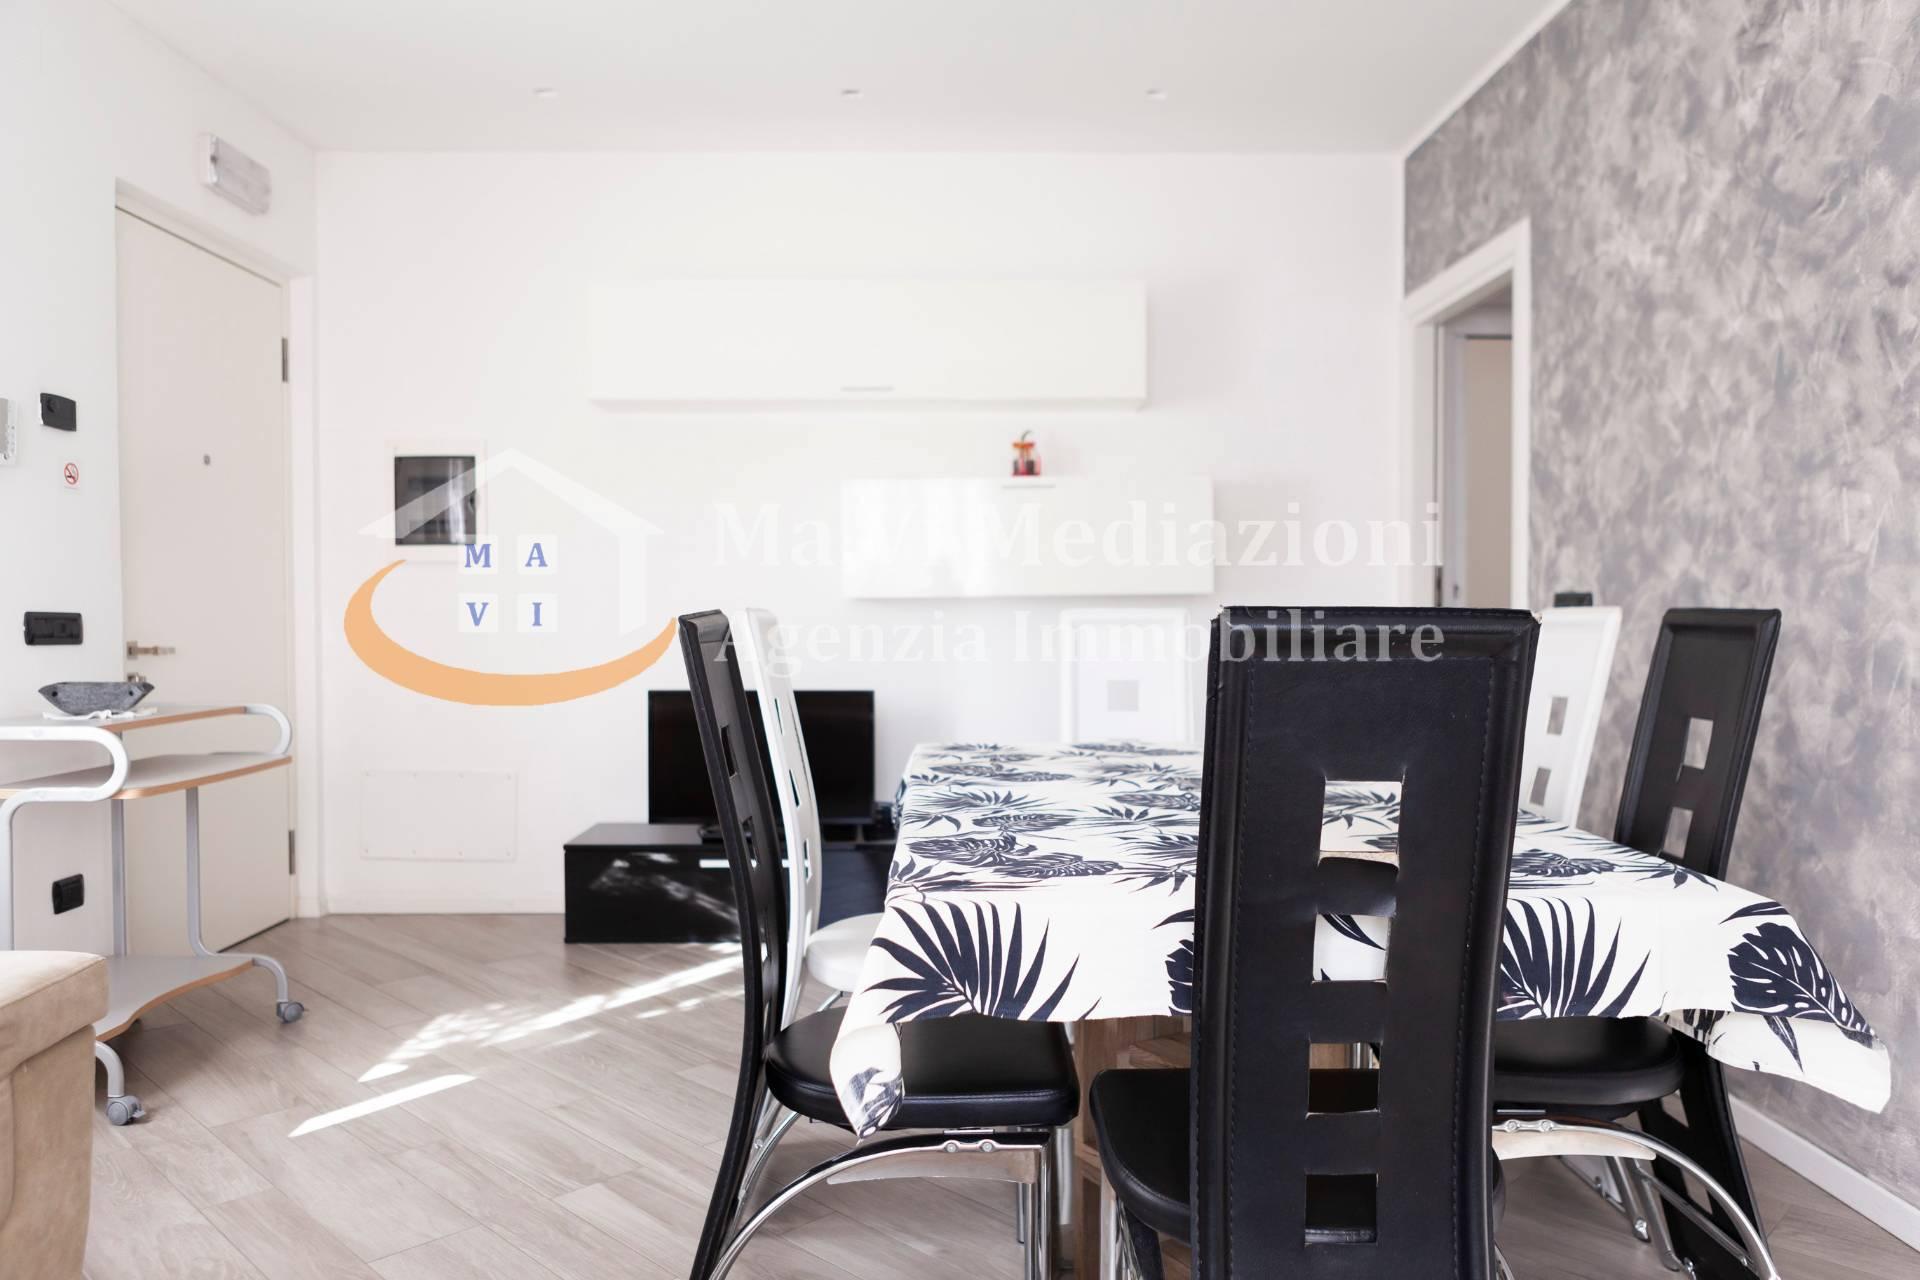 Appartamento in vendita a Nago-Torbole, 4 locali, zona Zona: Nago, prezzo € 275.000 | CambioCasa.it